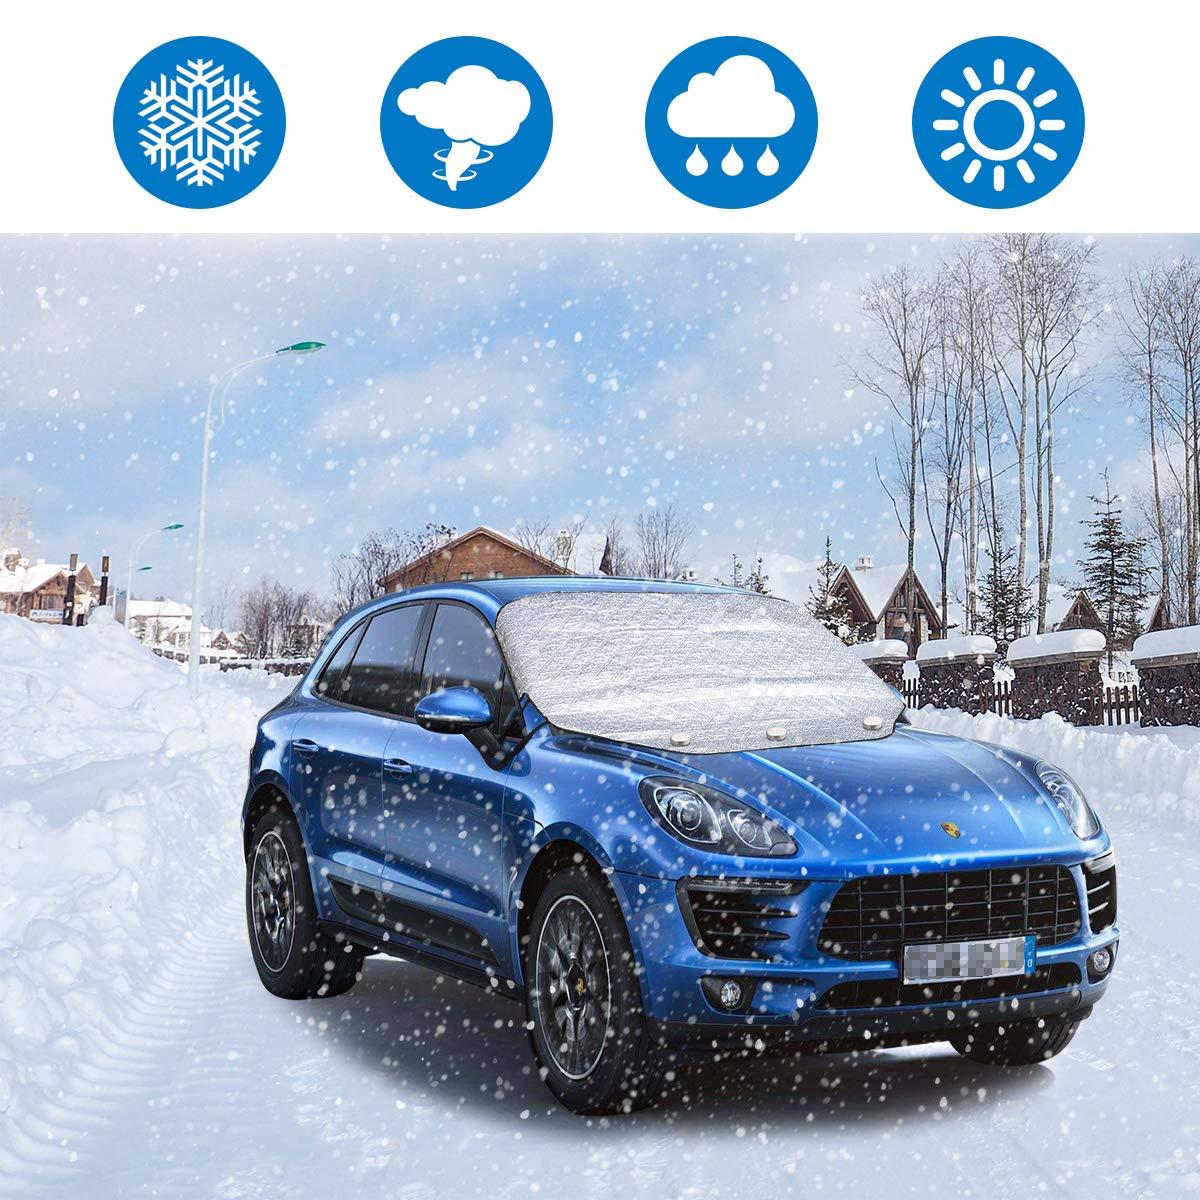 Autosonnenschutz UV-Schutz ieGeek Car Windschutzscheibe Abdeckung Winddicht mit 3 Versteckten Magneten SUV Automotive Ice Windshield Winter Cover.